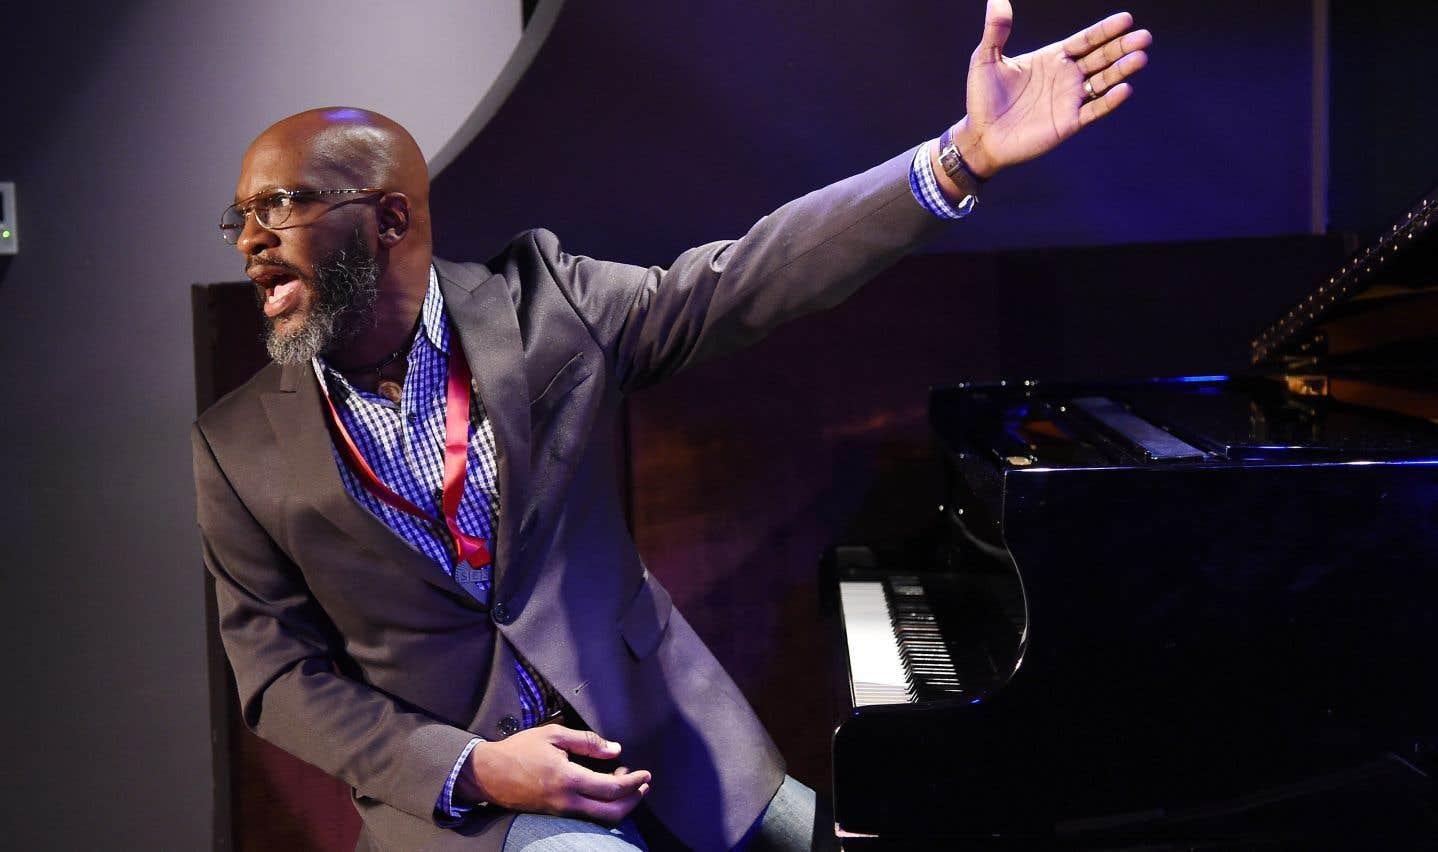 Le trio avant-gardiste américain The Bad Plus lancera d'ici la fin du mois «Never Stop II», son 14e album studio, surtout le premier présentant son nouveau pianiste, Orrin Evans.